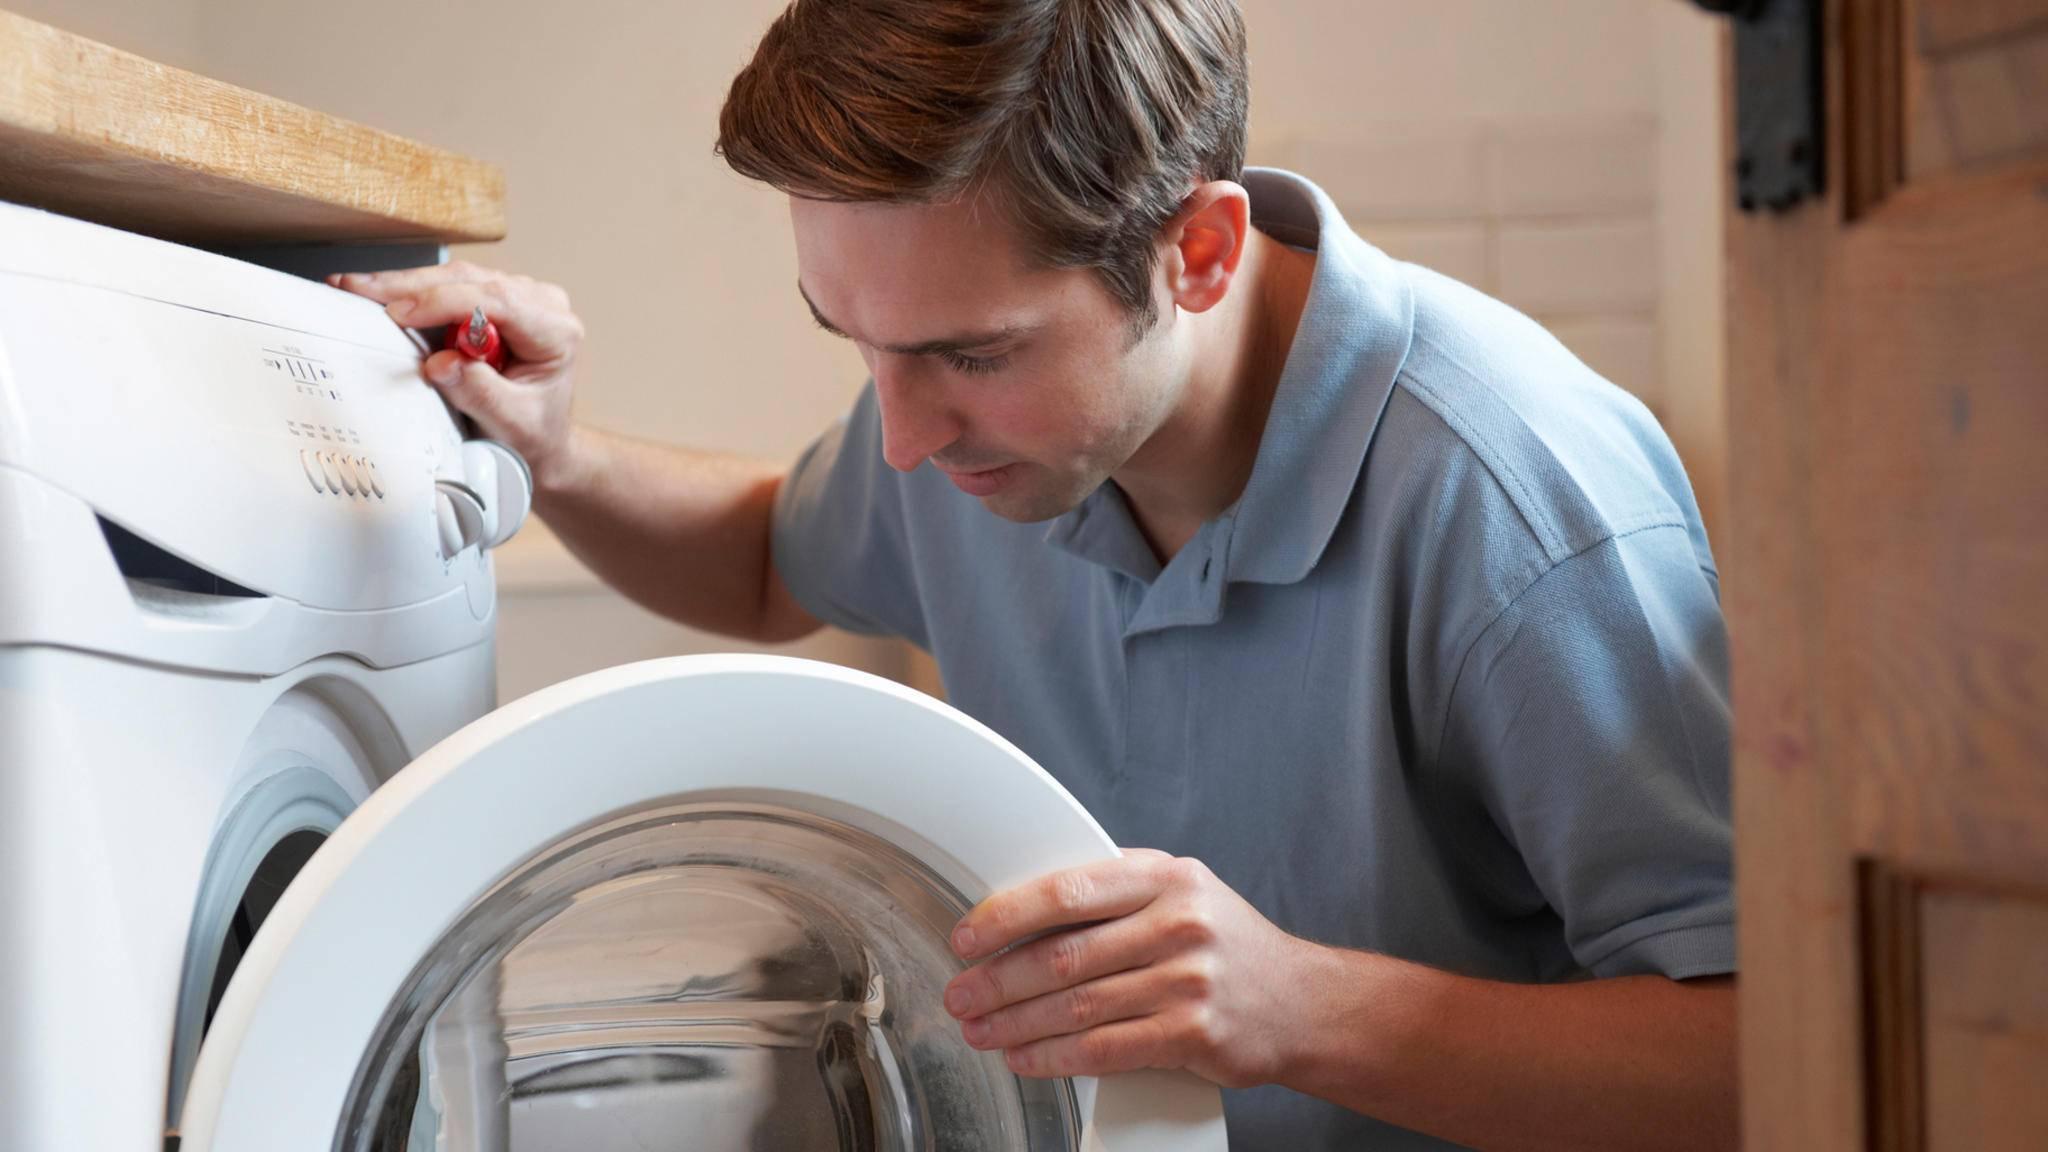 Waschmaschine Anschließen: Mit Dieser Anleitung Klappt Es